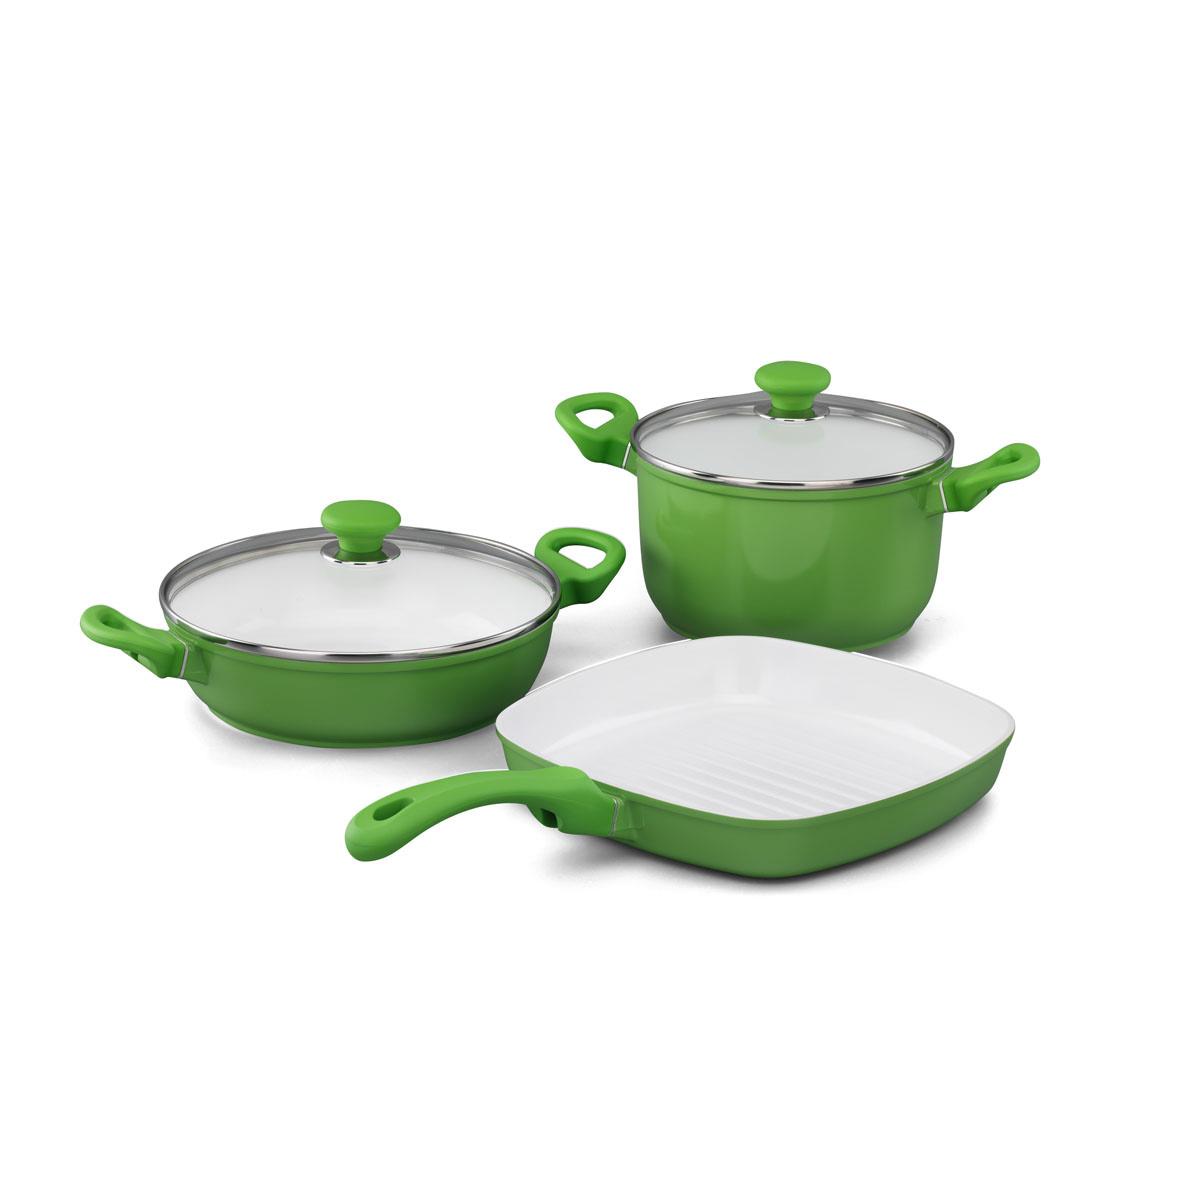 Набор посуды Korkmaz Seravita с керамическим покрытием, цвет: зеленый, 3 предметаFS-91909Набор посуды Korkmaz Seravita состоит из кастрюли с крышкой, сотейника с крышкой и сковороды-гриля. Внешнее покрытие зеленого цвета, внутреннее покрытие - белого цвета. Керамическое внутреннее и наружное покрытие нагревается до +450°С, чрезвычайно устойчиво к механическому воздействию, не выделяет токсичных паров при готовке, не содержит тяжелых металлов (таких как свинец и кадмий), легко моется. При готовке на керамическом покрытии пища не пристает и не пригорает, а масла требуется вдвое меньше по сравнению с другими покрытиями, что позволяет приготовить здоровую, вкусную и полезную пищу без лишних жиров и оксидантов. Кроме того, покрытие абсолютно экологично, так как не содержит тефлоновые составляющие PTFE и PFOA. Основа из высокопрочного алюминия позволяет изделиям быстро нагреваться до высокой температуры и равномерно распределять тепло по всей поверхности. Высокая теплопроводность позволяет быстро готовить даже на медленном огне, а значит, витамины и полезные микроэлементы не разрушаются и остаются в пище, что делает ее здоровой и полезной. Изделия оснащены удобными ручками с прорезиненным покрытием зеленого цвета. Крышки, изготовленные из удароустойчивого жаропрочного стекла, имеют отверстия для выхода пара и металлические ободы.Можно использовать на газовых, электрических, стеклокерамических плитах. Не подходит для индукционных и галогенных плит. Можно мыть в посудомоечной машине. Во время мытья не следует применять жесткую металлическую щетку или агрессивные моющие средства во избежание повреждения покрытия и поверхности. Характеристики: Материал: алюминий, резина, стекло. Цвет: зеленый, белый. Объем кастрюли: 3,5 л. Внутренний диаметр кастрюли: 20 см. Высота стенки кастрюли: 11 см. Объем сотейника: 2,6 л. Внутренний диаметр сотейника: 24 см. Высота стенки сотейника: 6 см. Объем сковороды: 2 л. Внутренний размер сковороды: 26 см х 26 см. Высота стенки сковороды: 4,5 см.